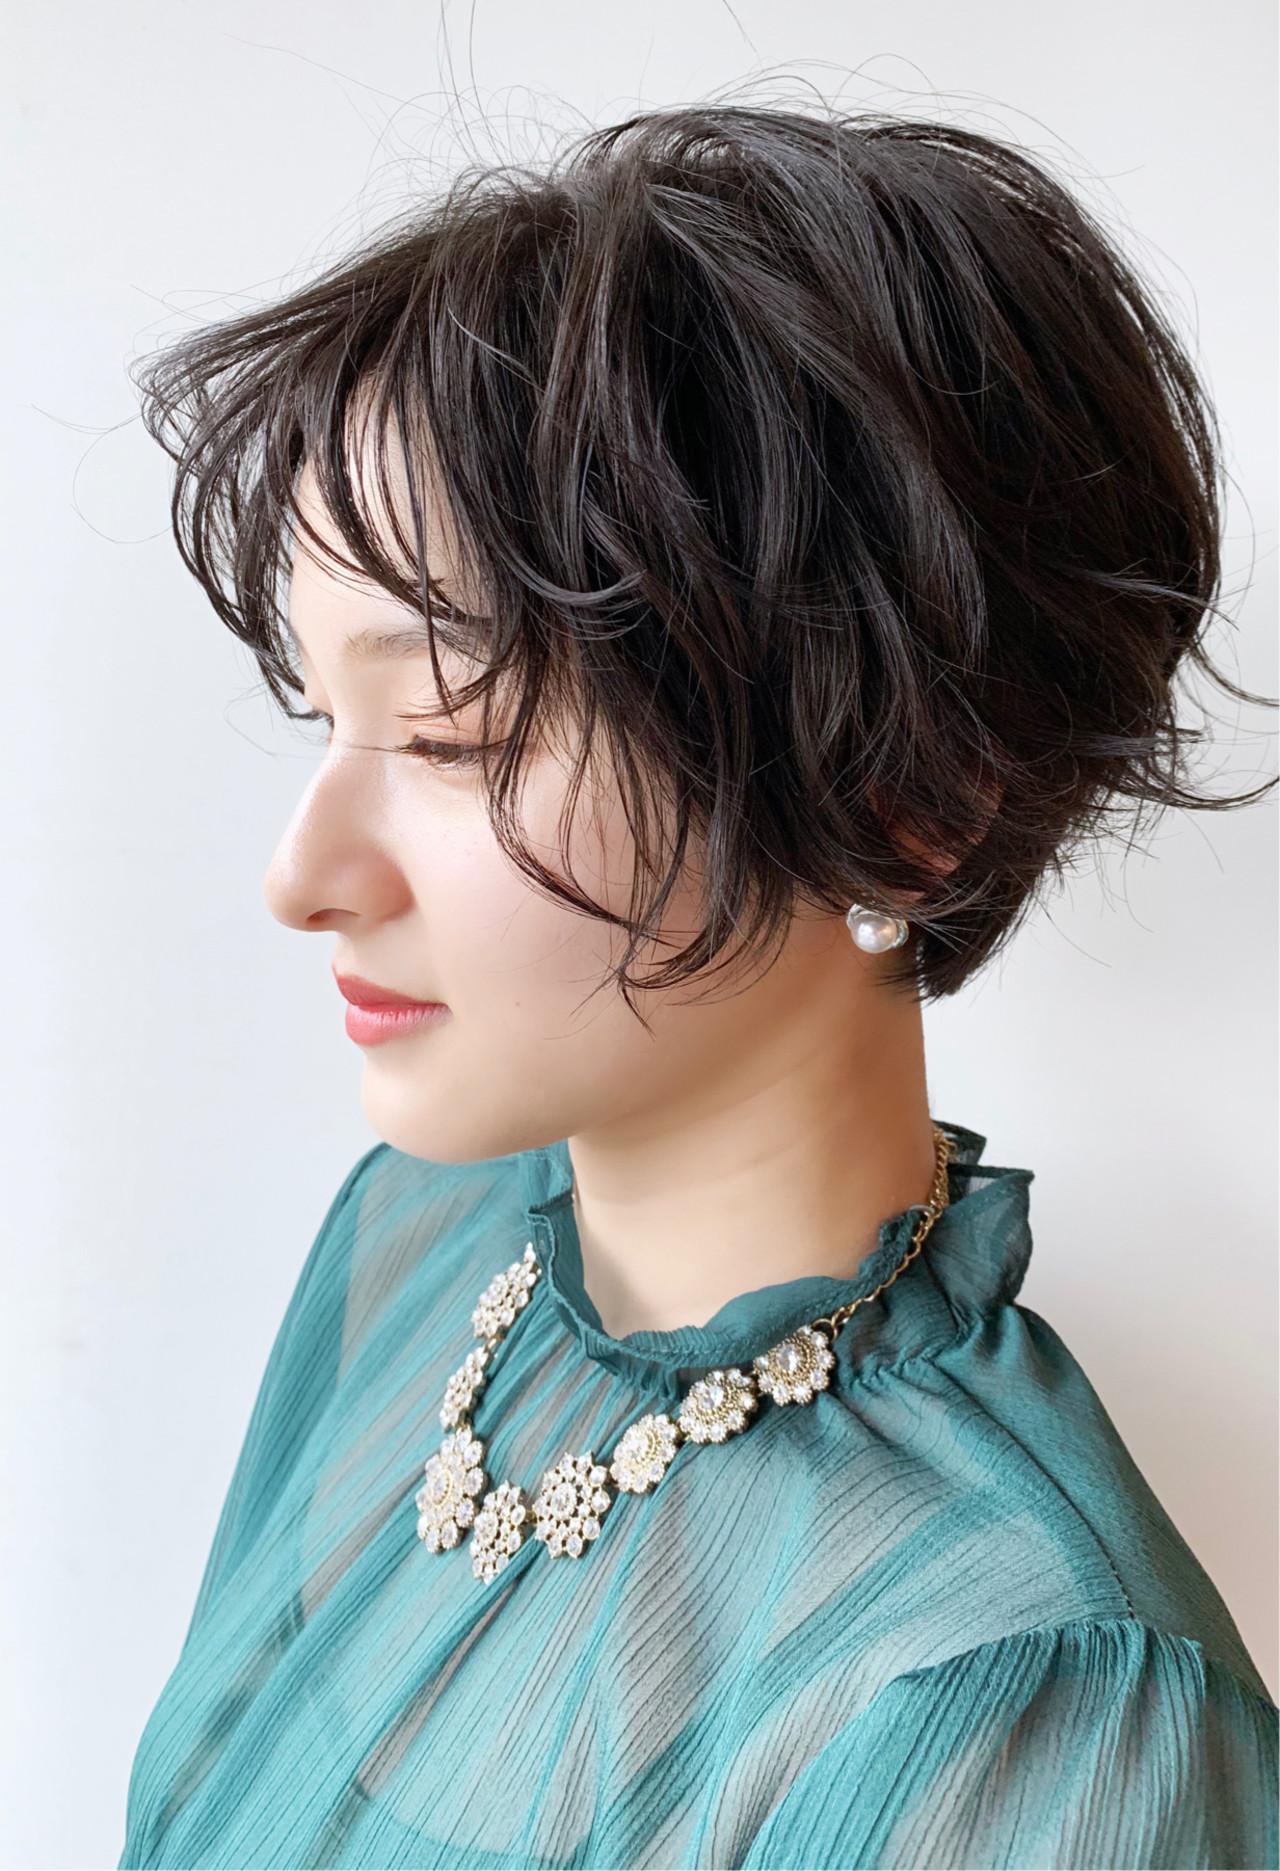 ばっさり パーマ 大人かわいい 黒髪 ヘアスタイルや髪型の写真・画像